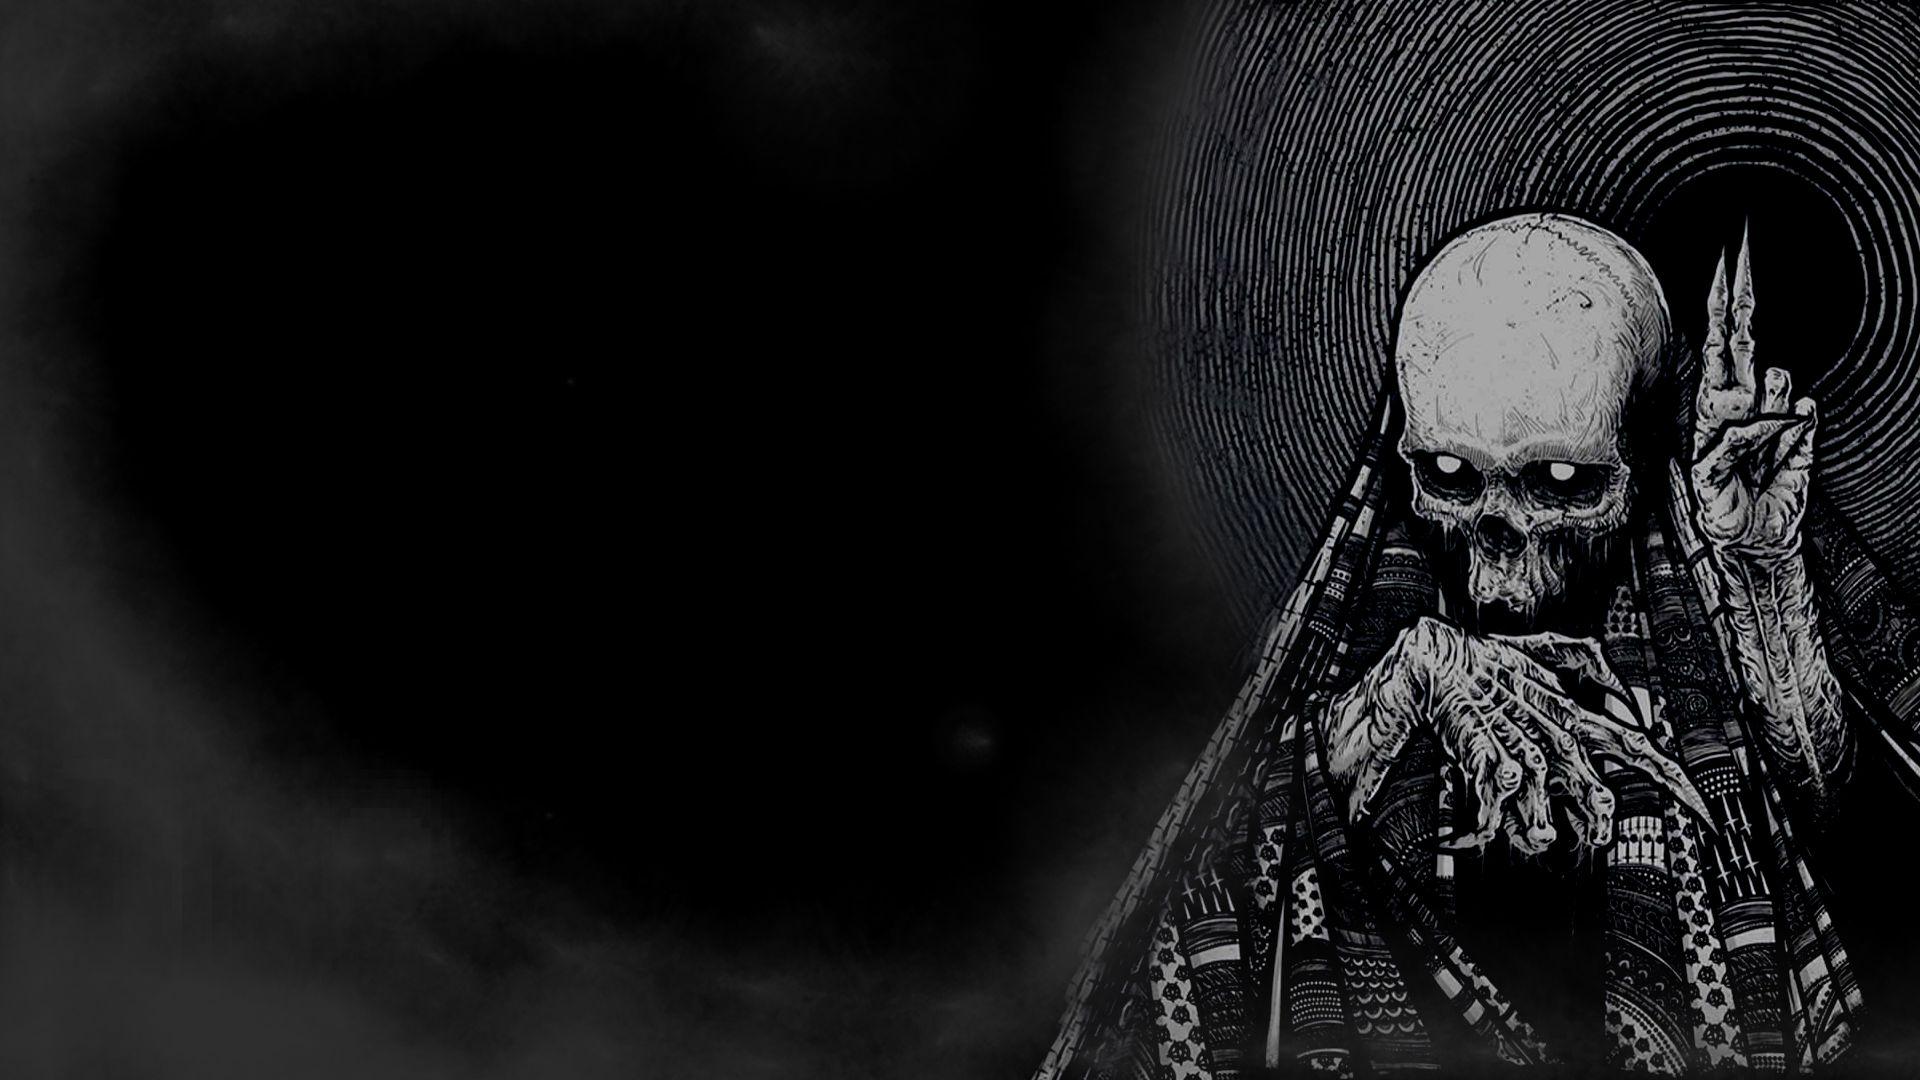 download wallpapers 2560x1600 skulls - photo #34